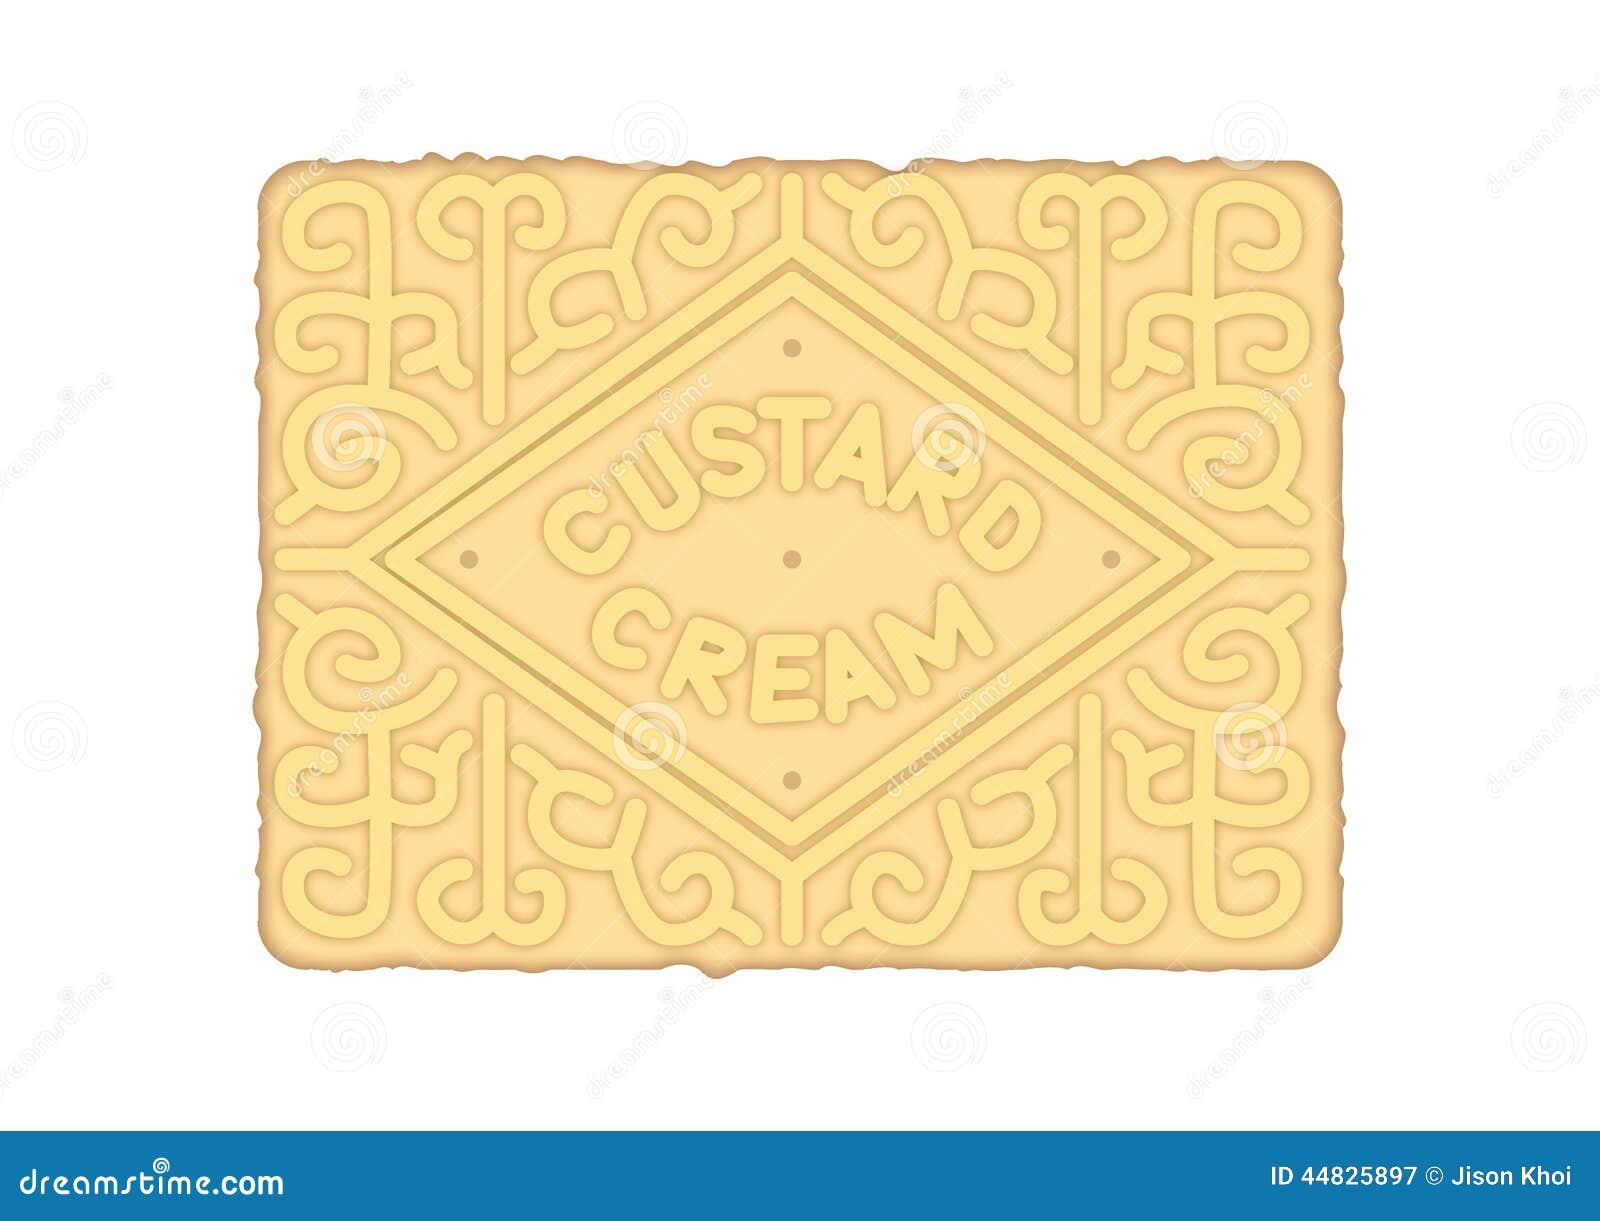 Custard Cream Biscuit Stock Illustration - Image: 44825897